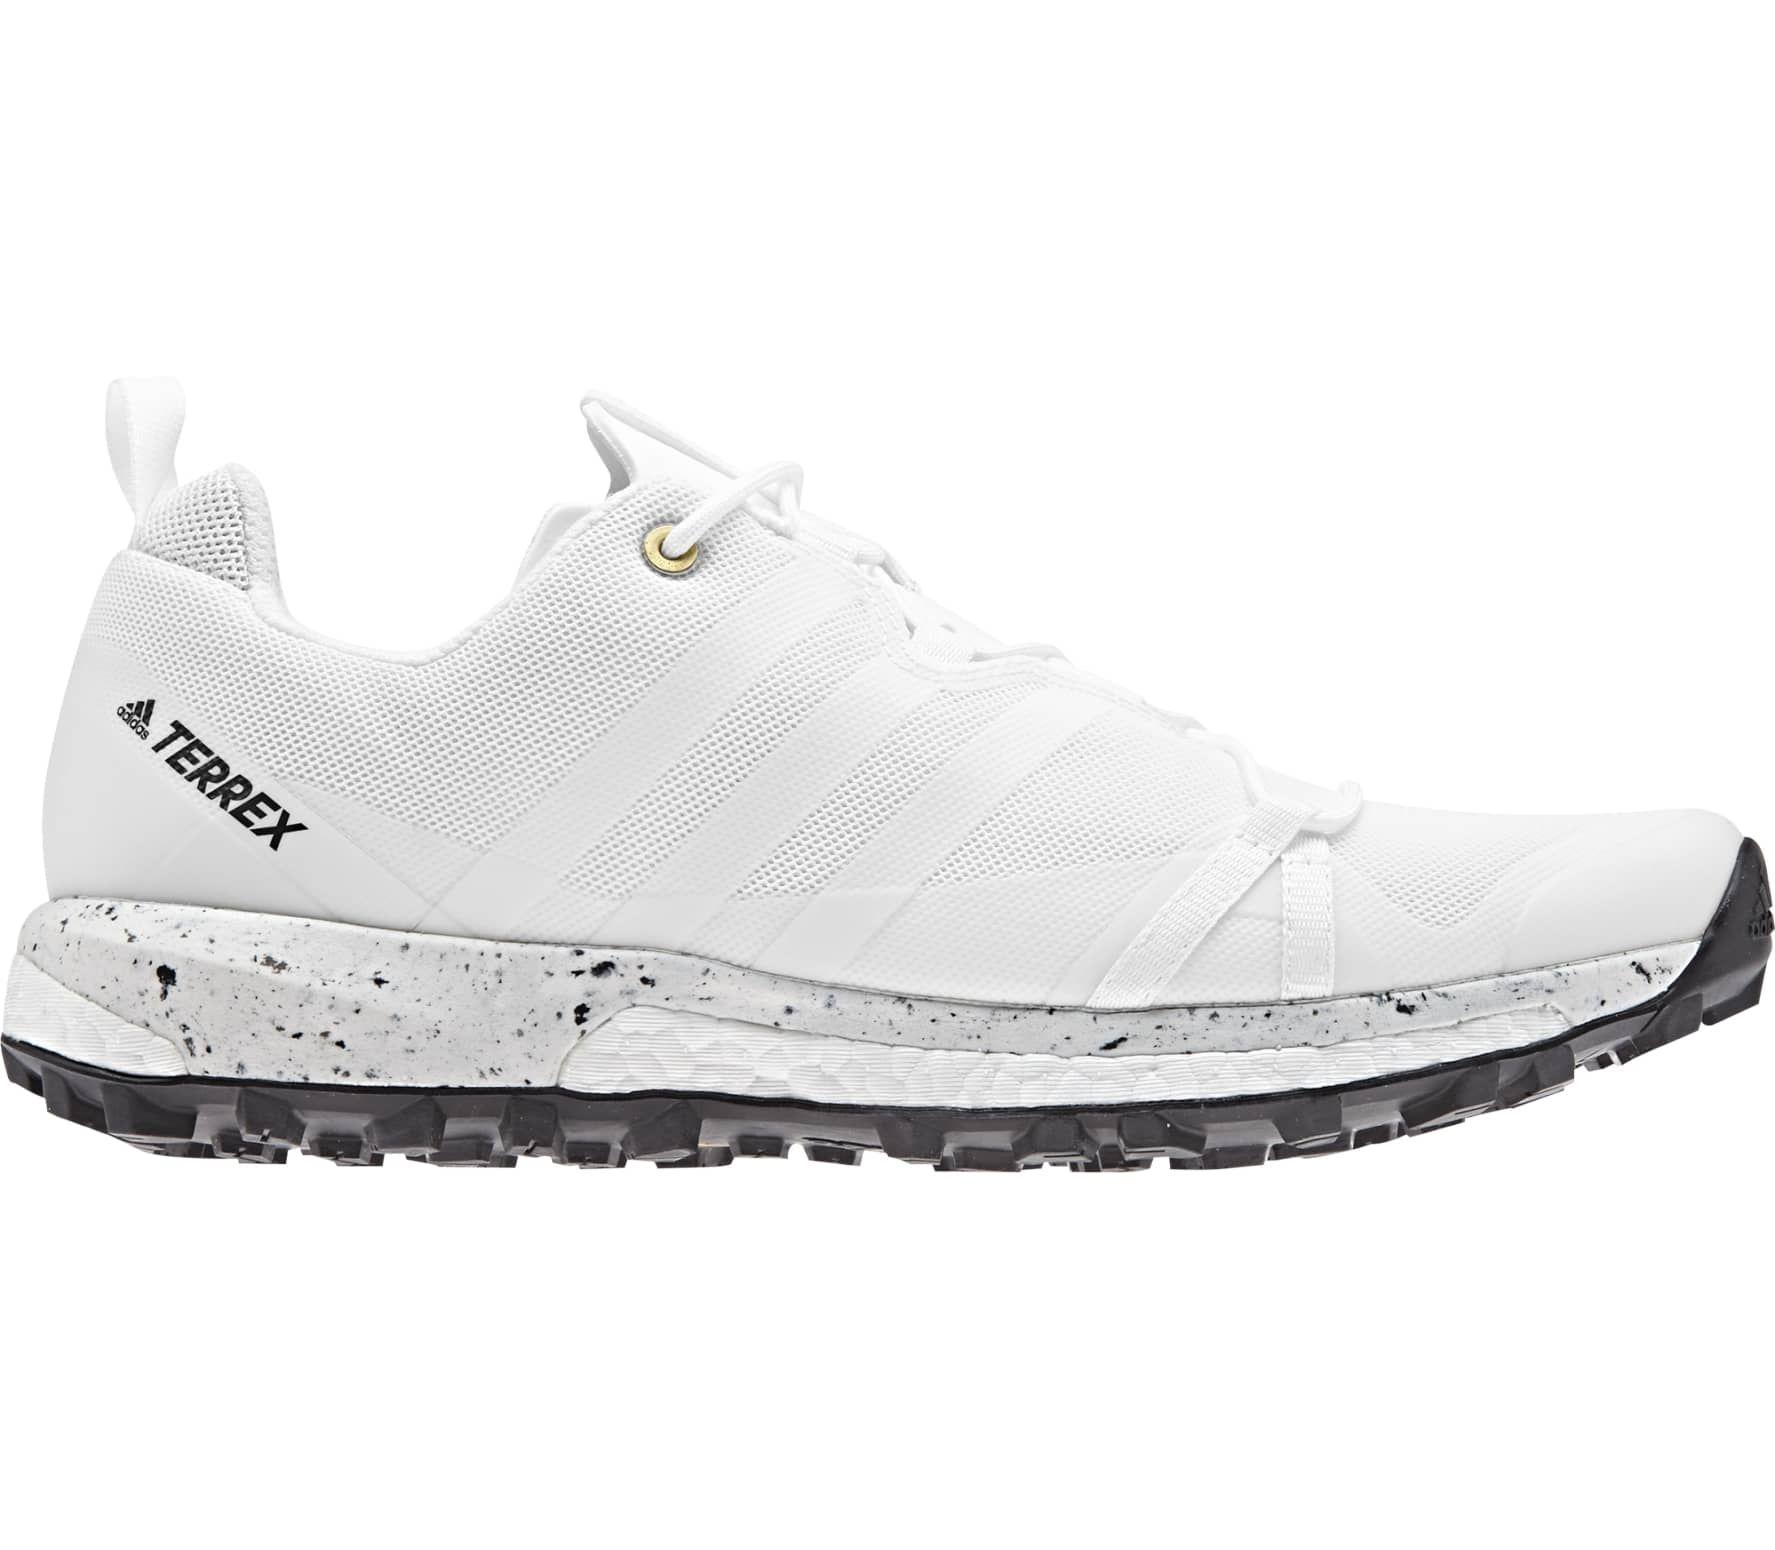 Herren Terrex Agravic WeißSchuhe SchuheDamen Adidas rdWxCQBEoe